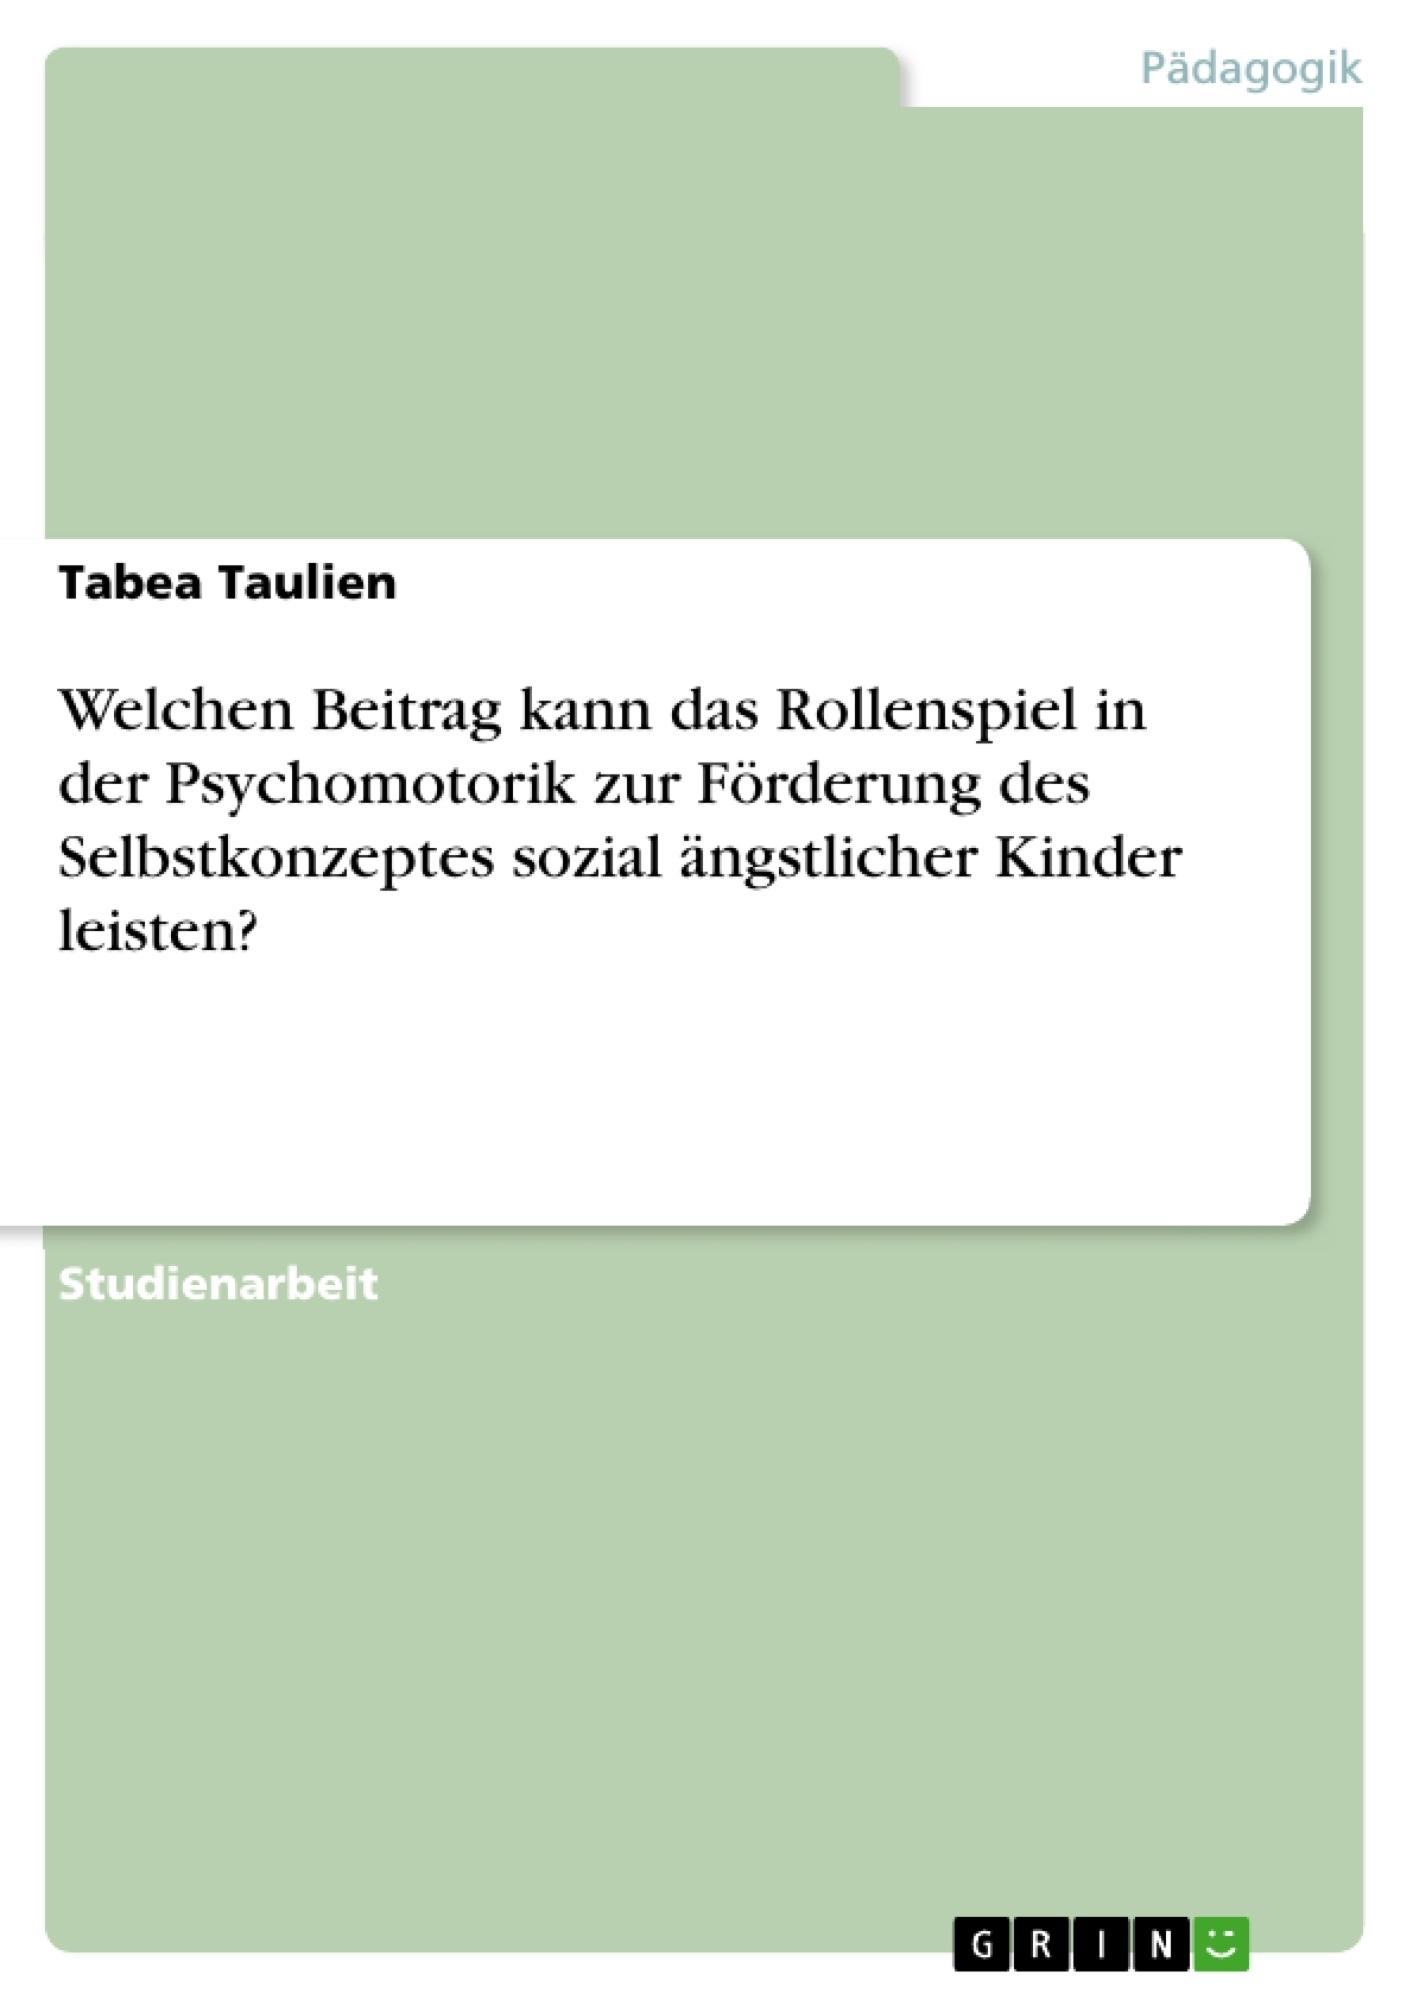 Titel: Welchen Beitrag kann das Rollenspiel in der Psychomotorik zur Förderung des Selbstkonzeptes sozial ängstlicher Kinder leisten?